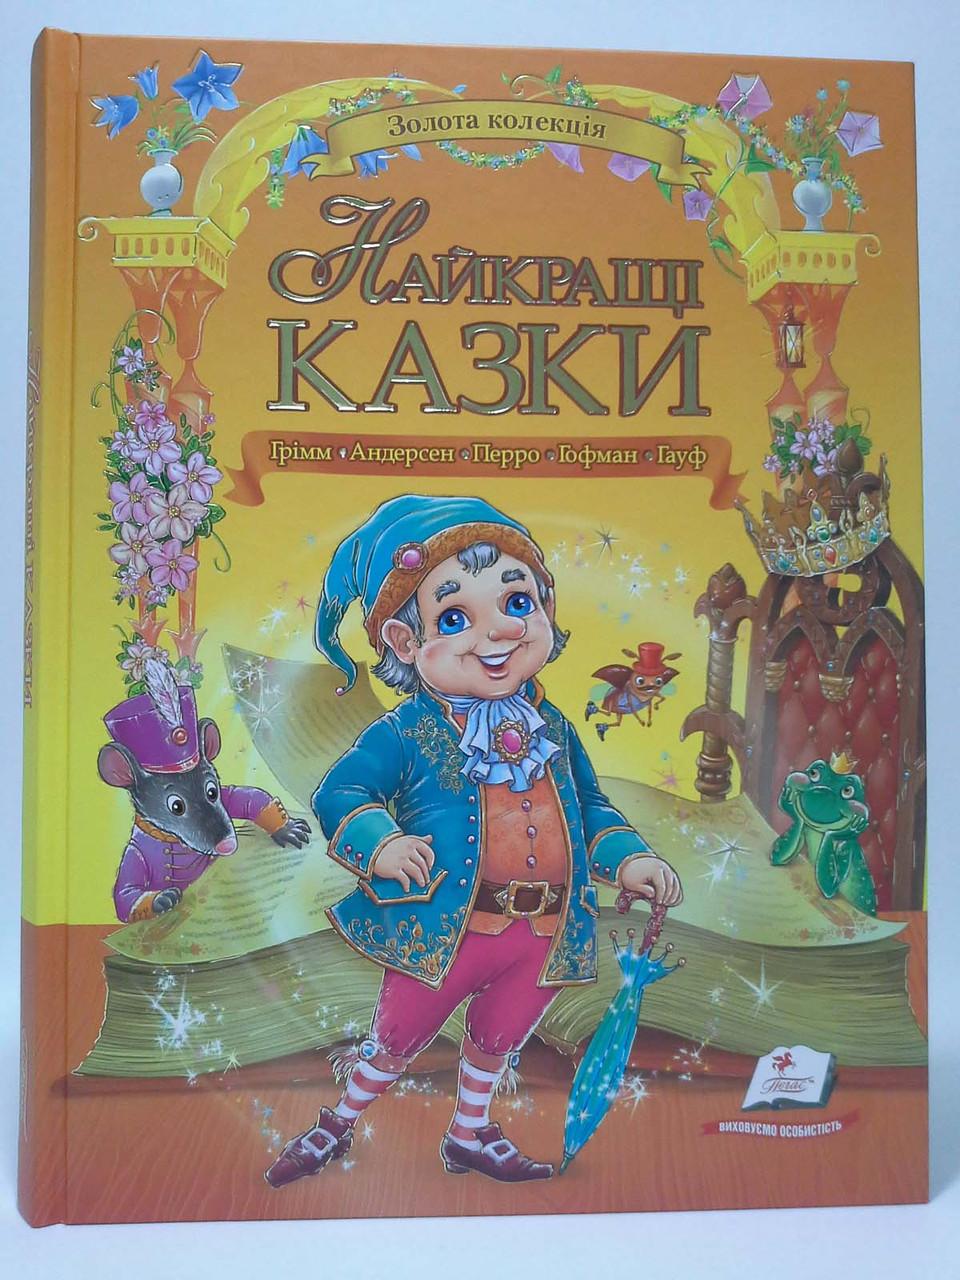 Пегас Золота колекція Найкращі казки Грімм Андесен Перро Гофман Гауф